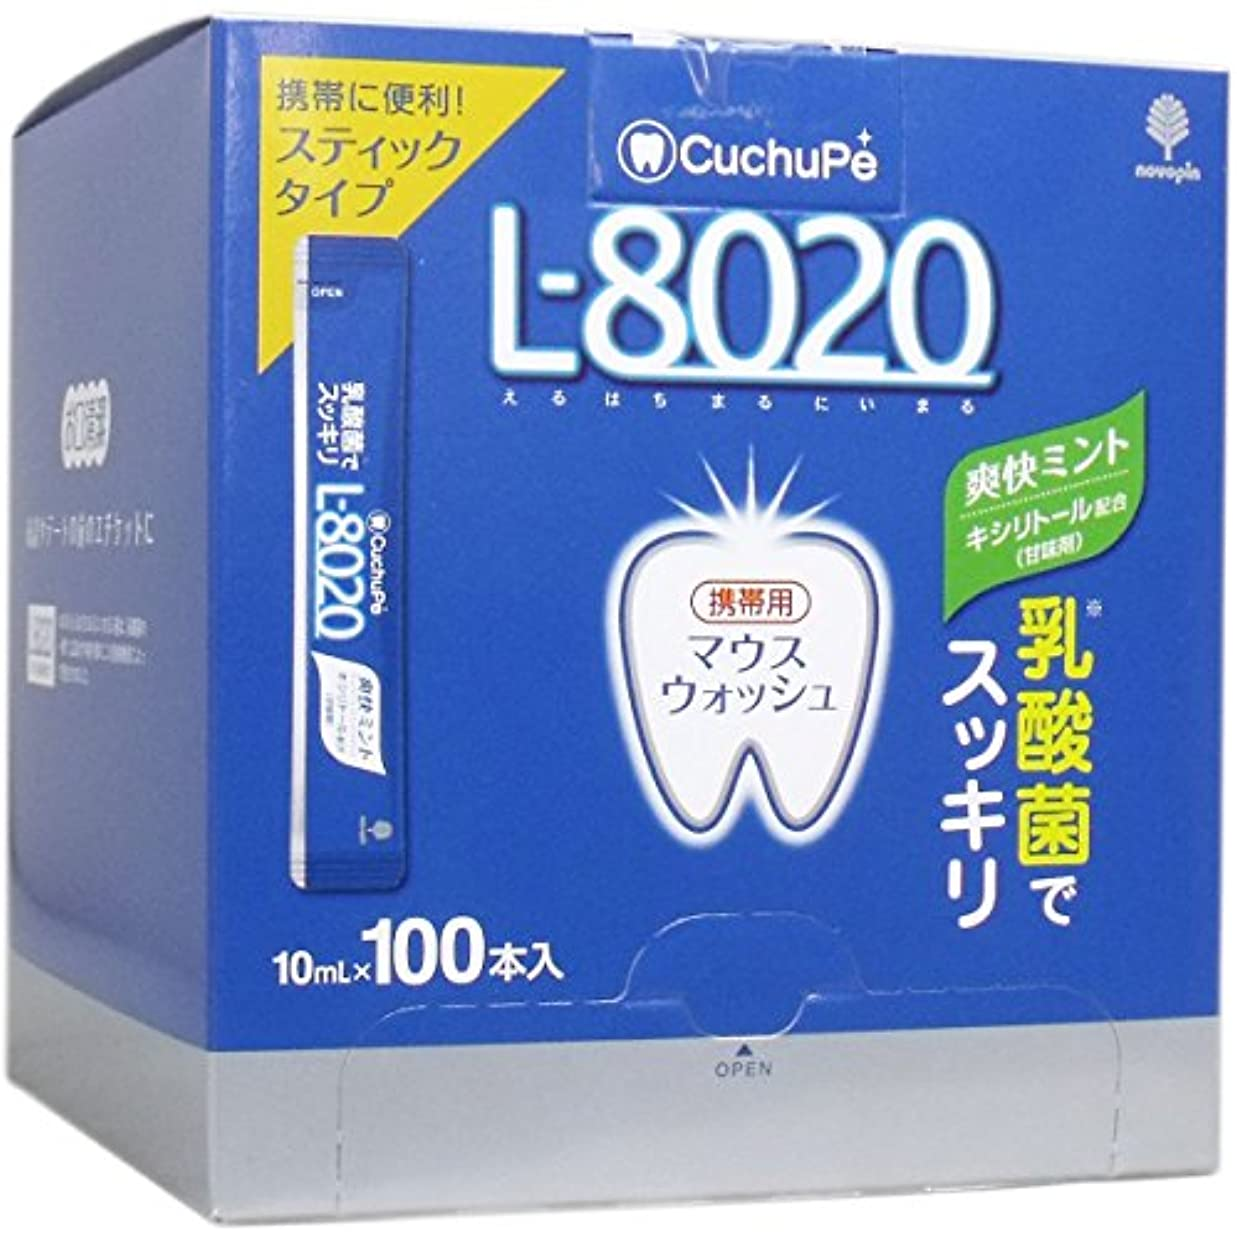 忌避剤標高ビクタークチュッペ L-8020 マウスウォッシュ 爽快ミント スティックタイプ 100本入